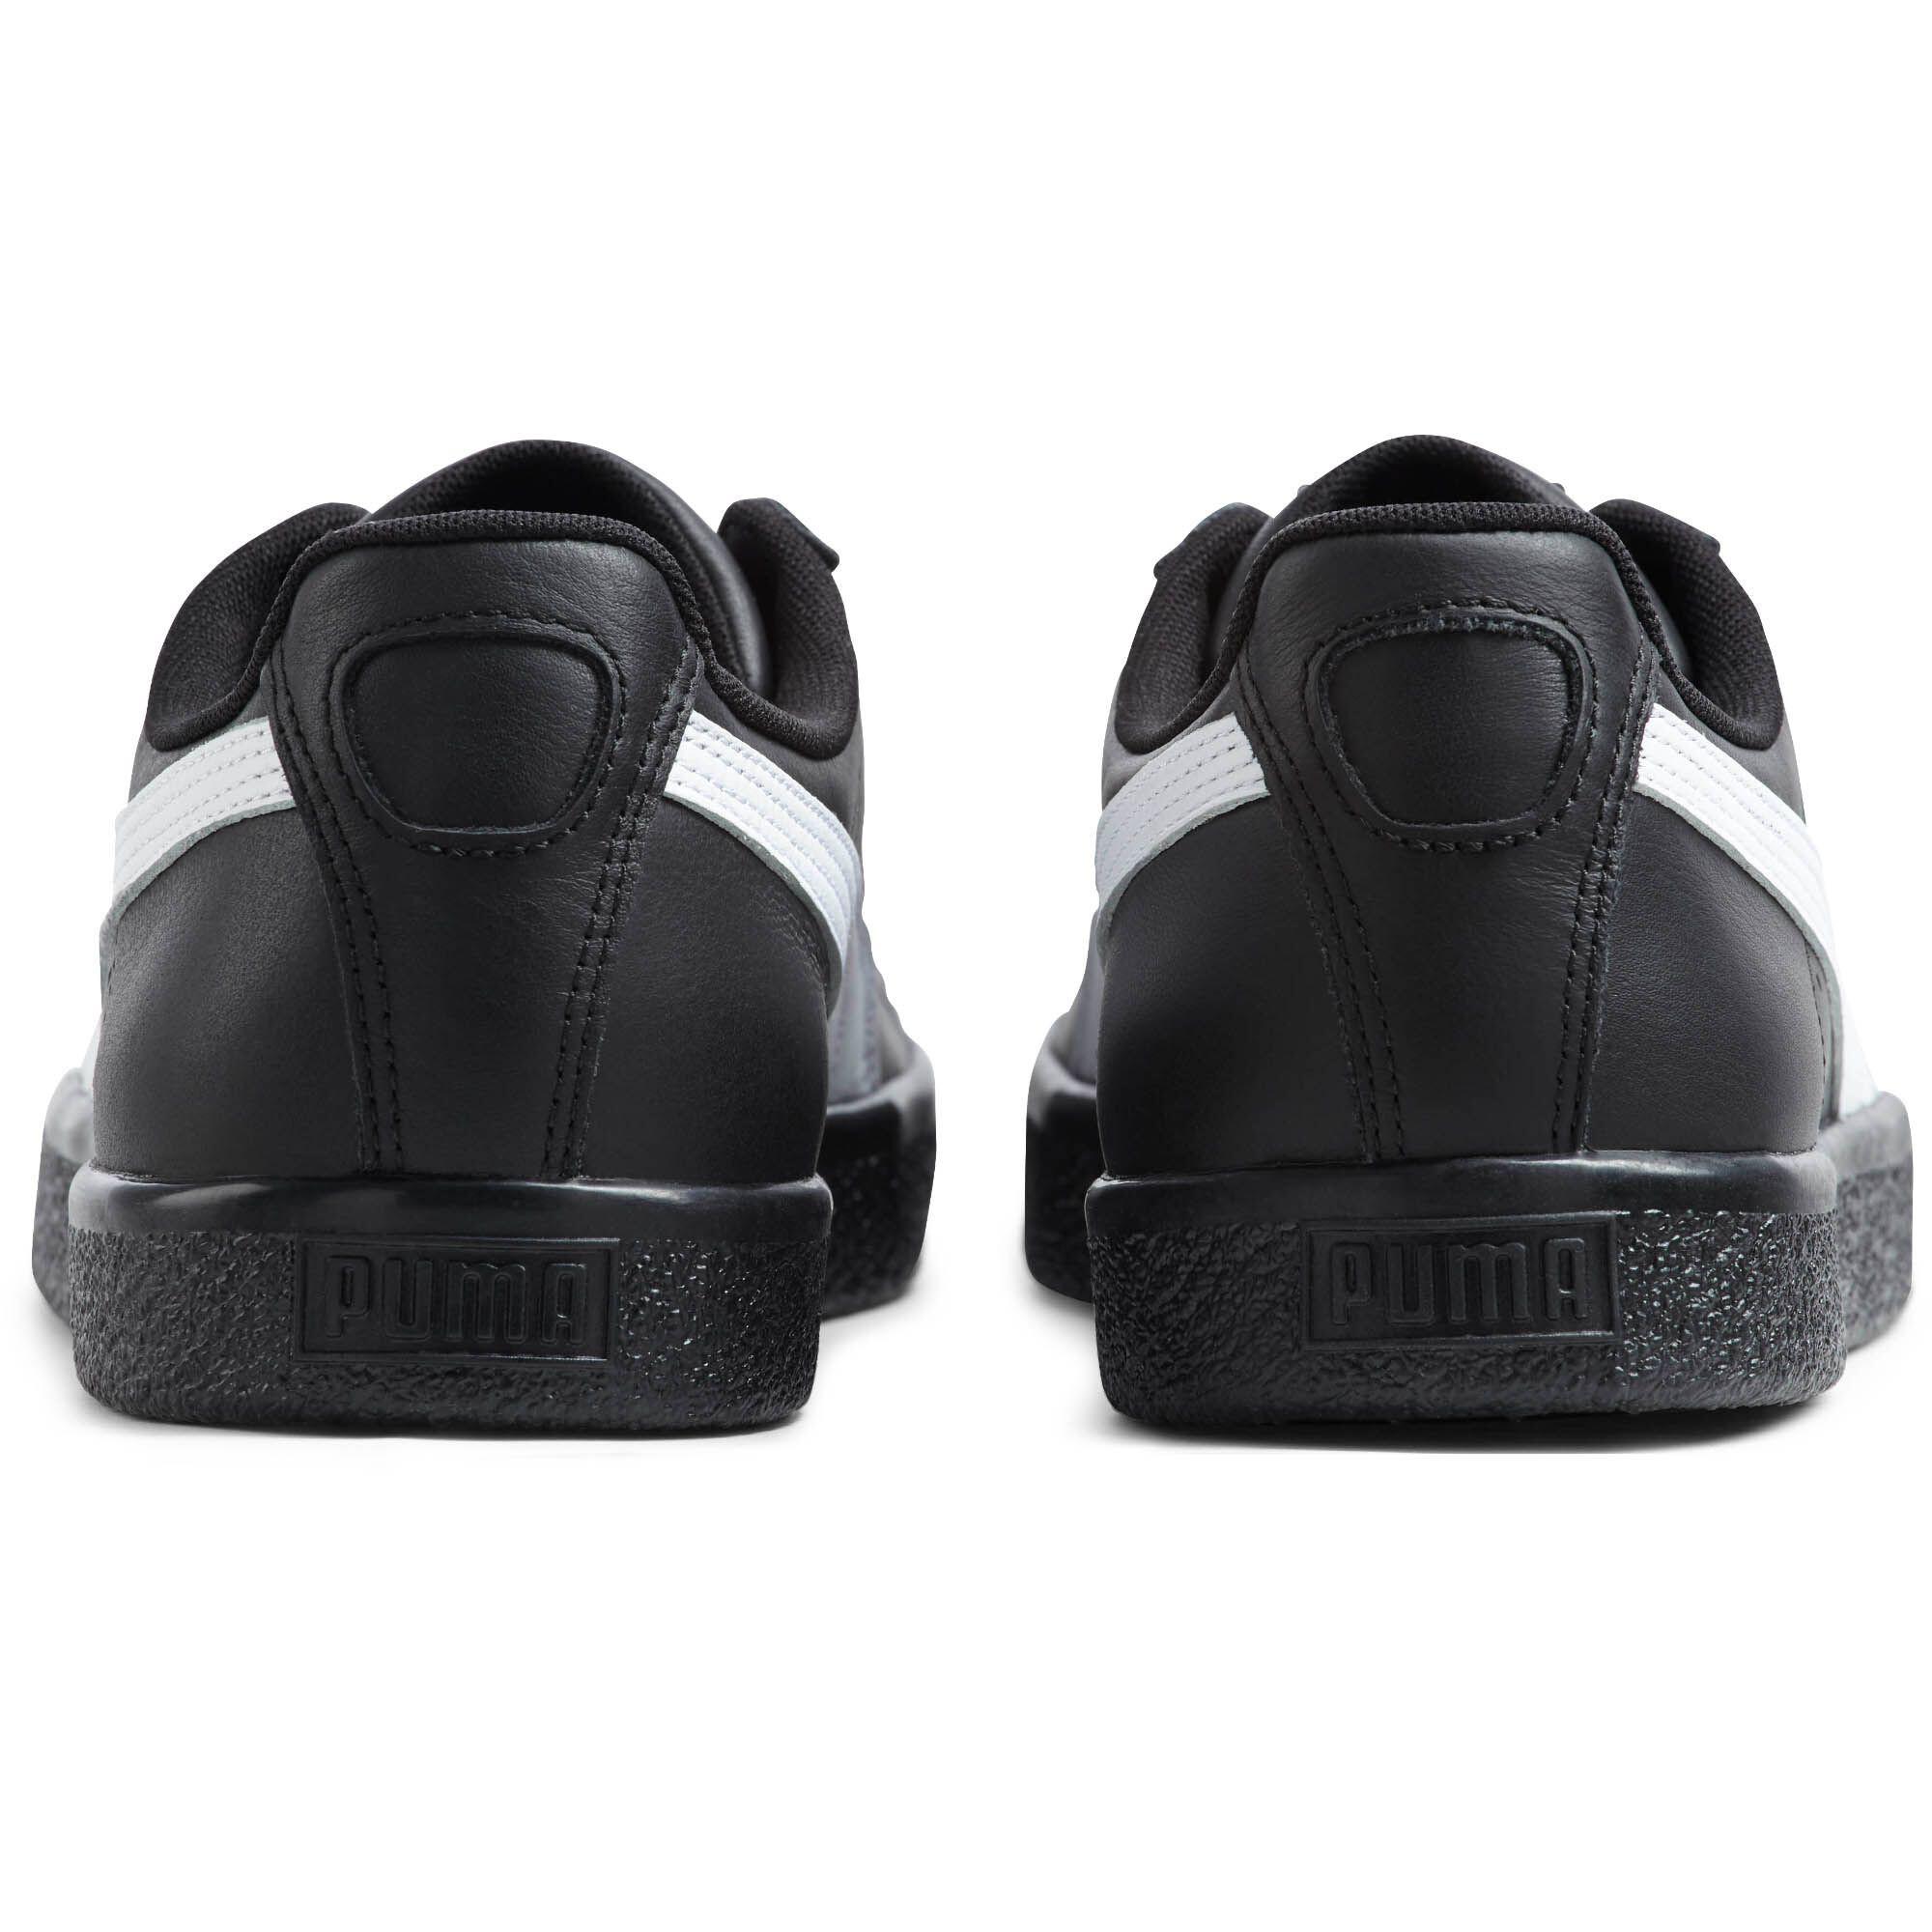 PUMA-Men-039-s-Clyde-Core-Foil-Sneakers thumbnail 4